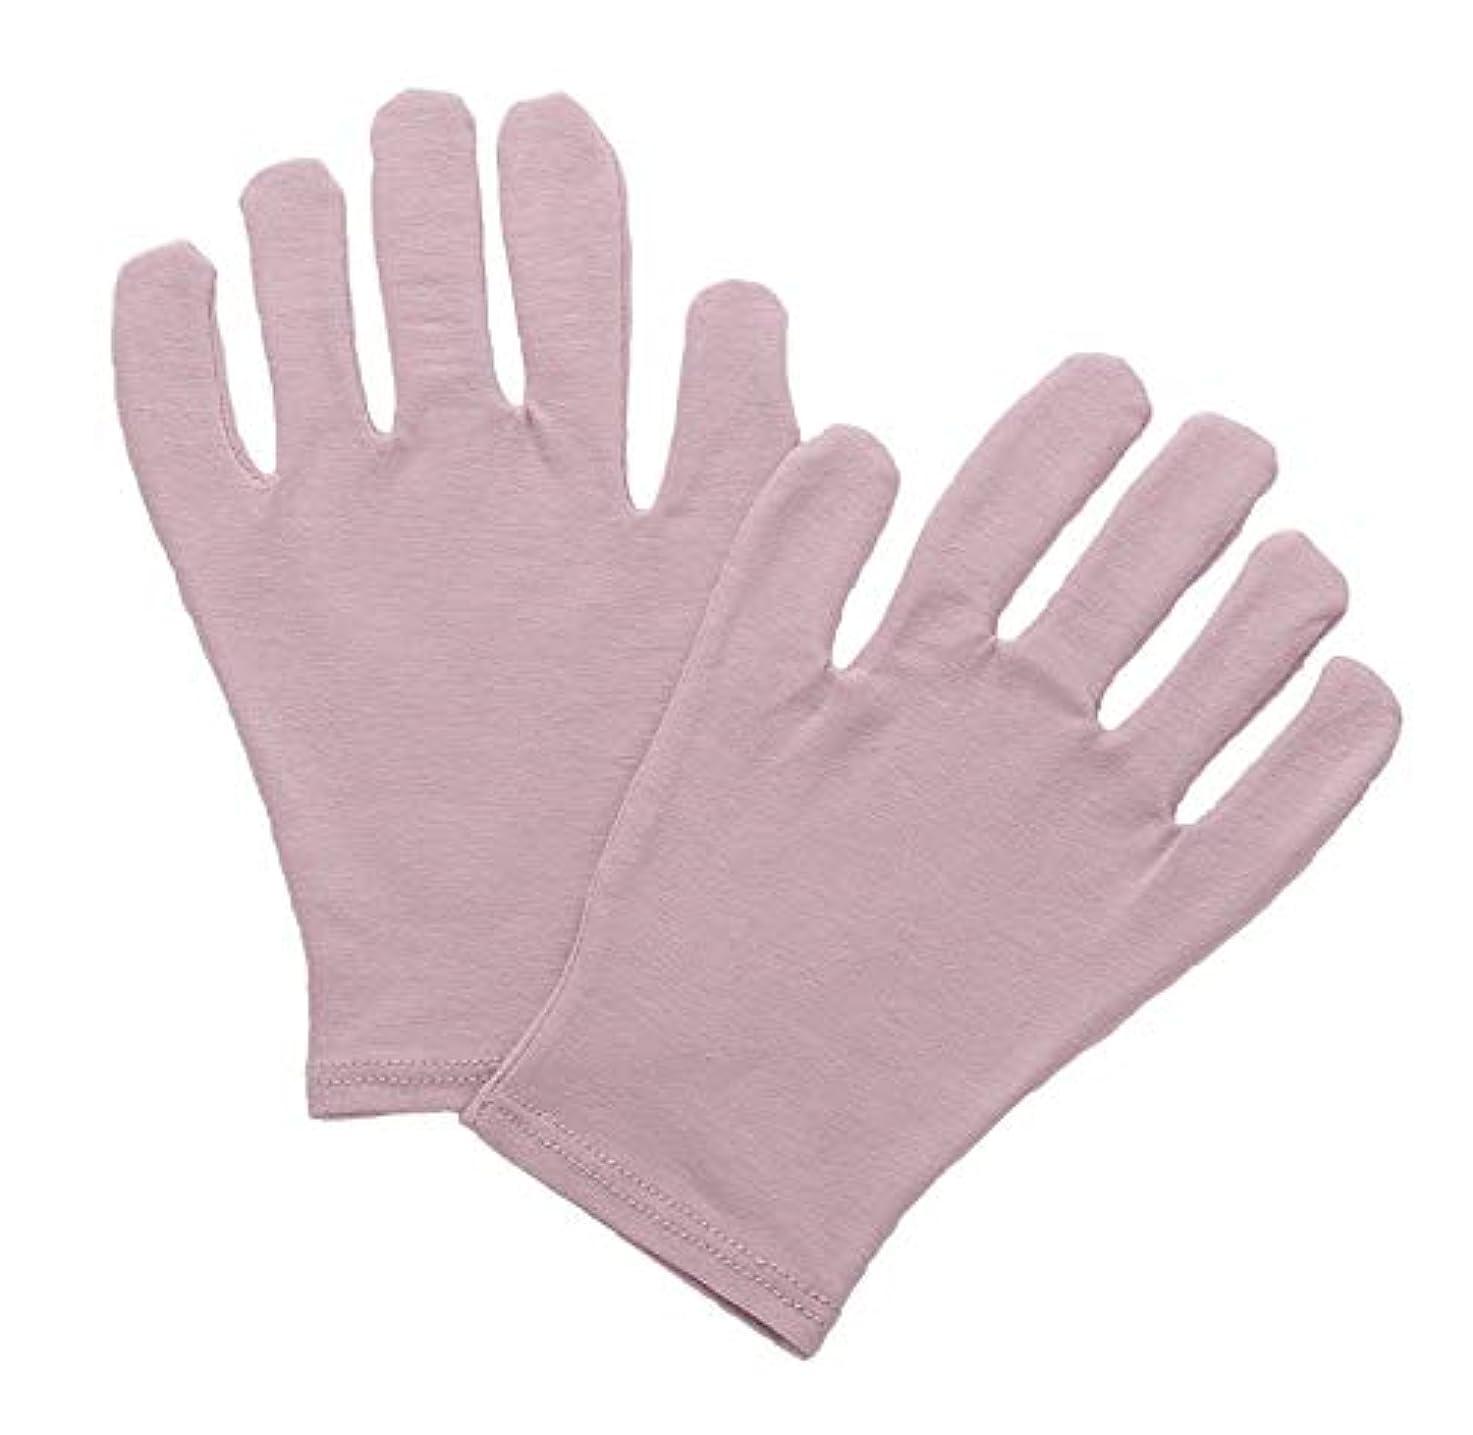 階層貧困指定する椿オイル配合 スキンケア おやすみ手袋 在庫処分 お買い得品